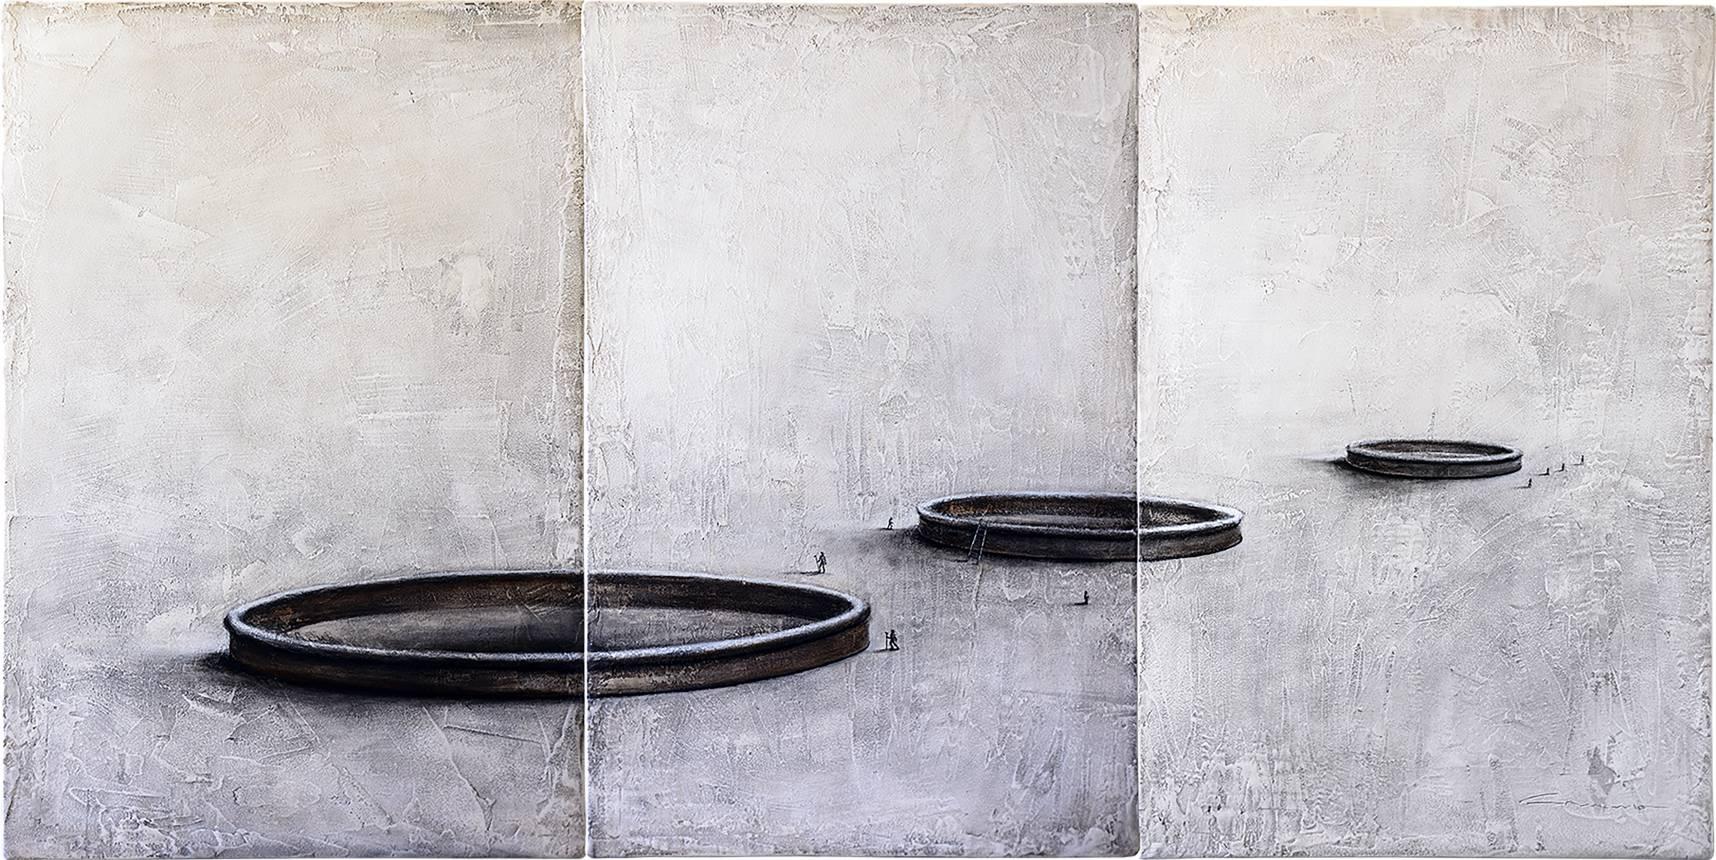 Situación Reflexiva (2014) - Joan Hurtado Moreno - Canano